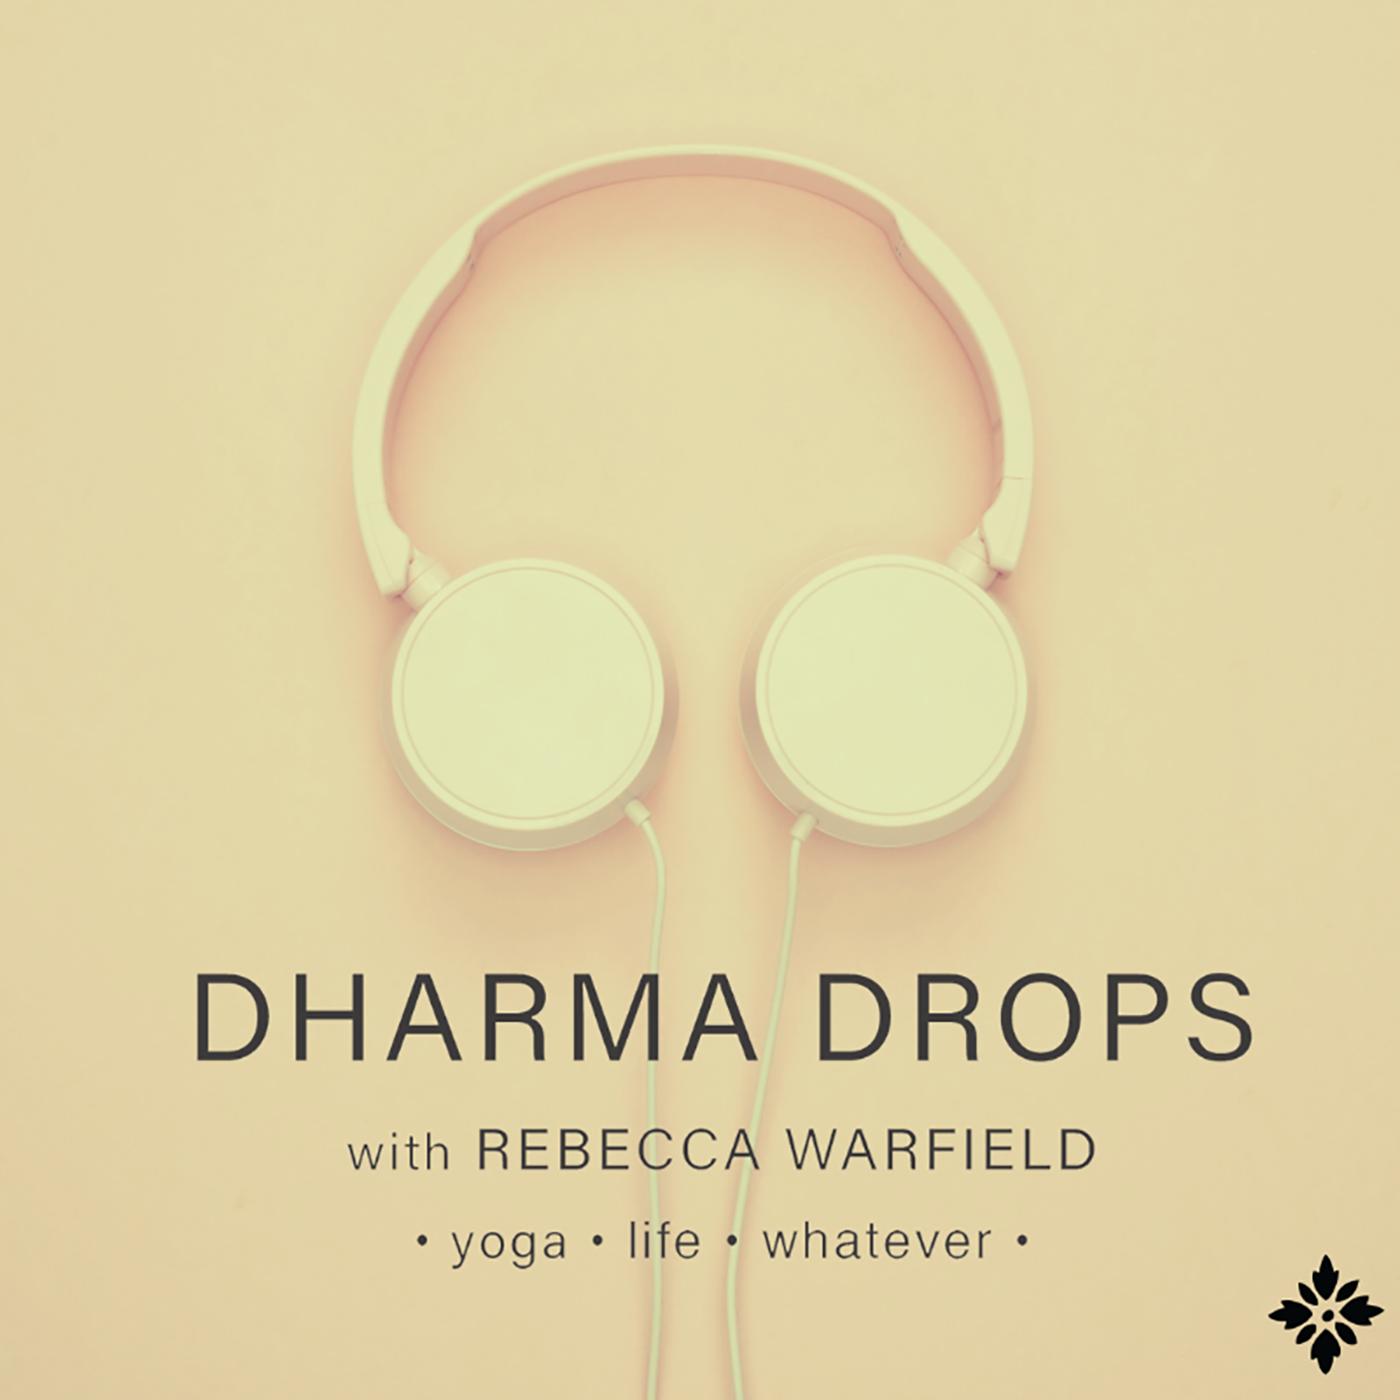 Dharma Drops: Yoga, Life, Whatever show art